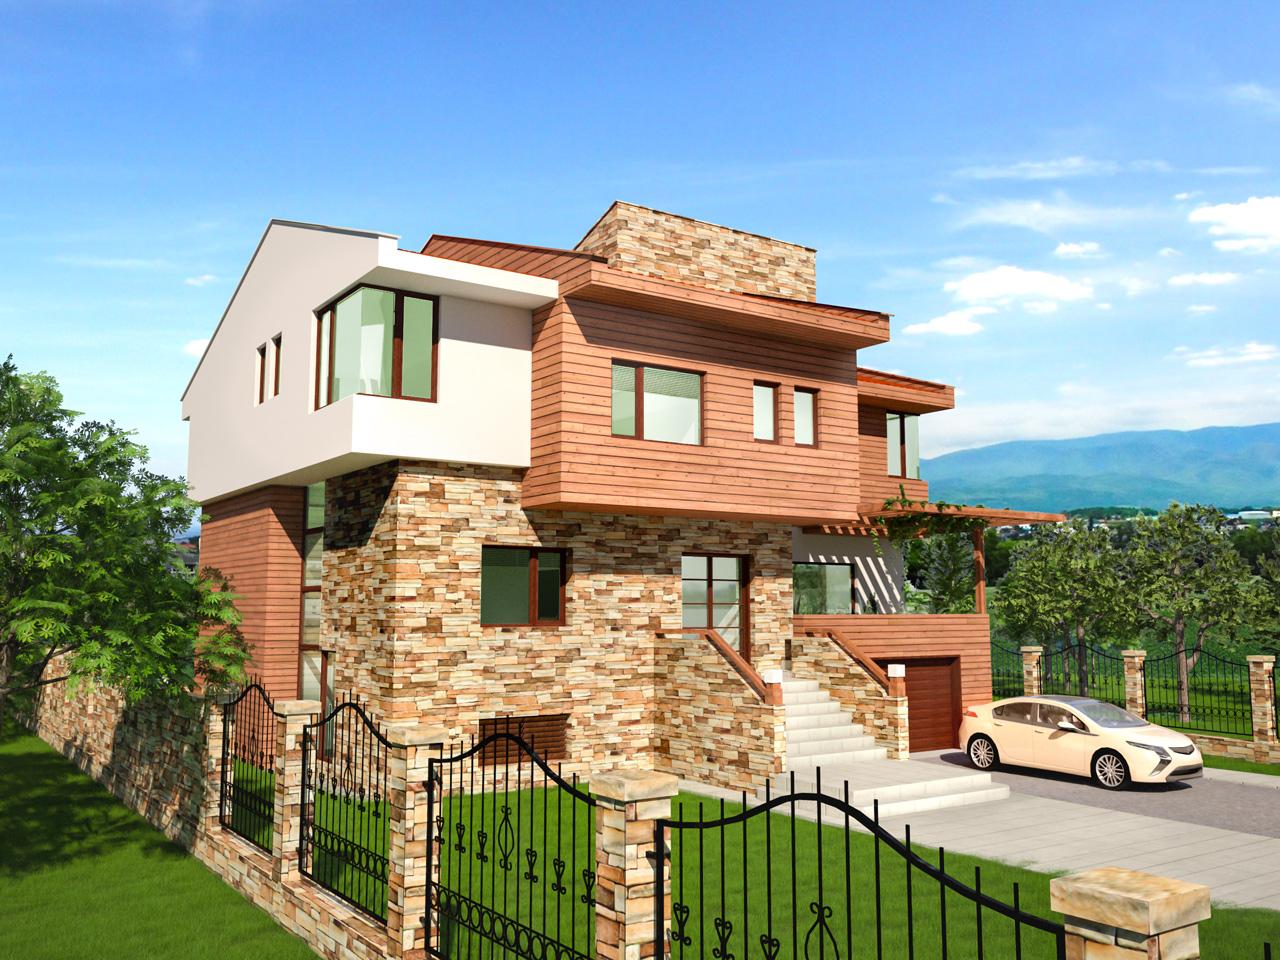 архитектурен проект за еднофамилна къща ТЕРРА в Пловдив